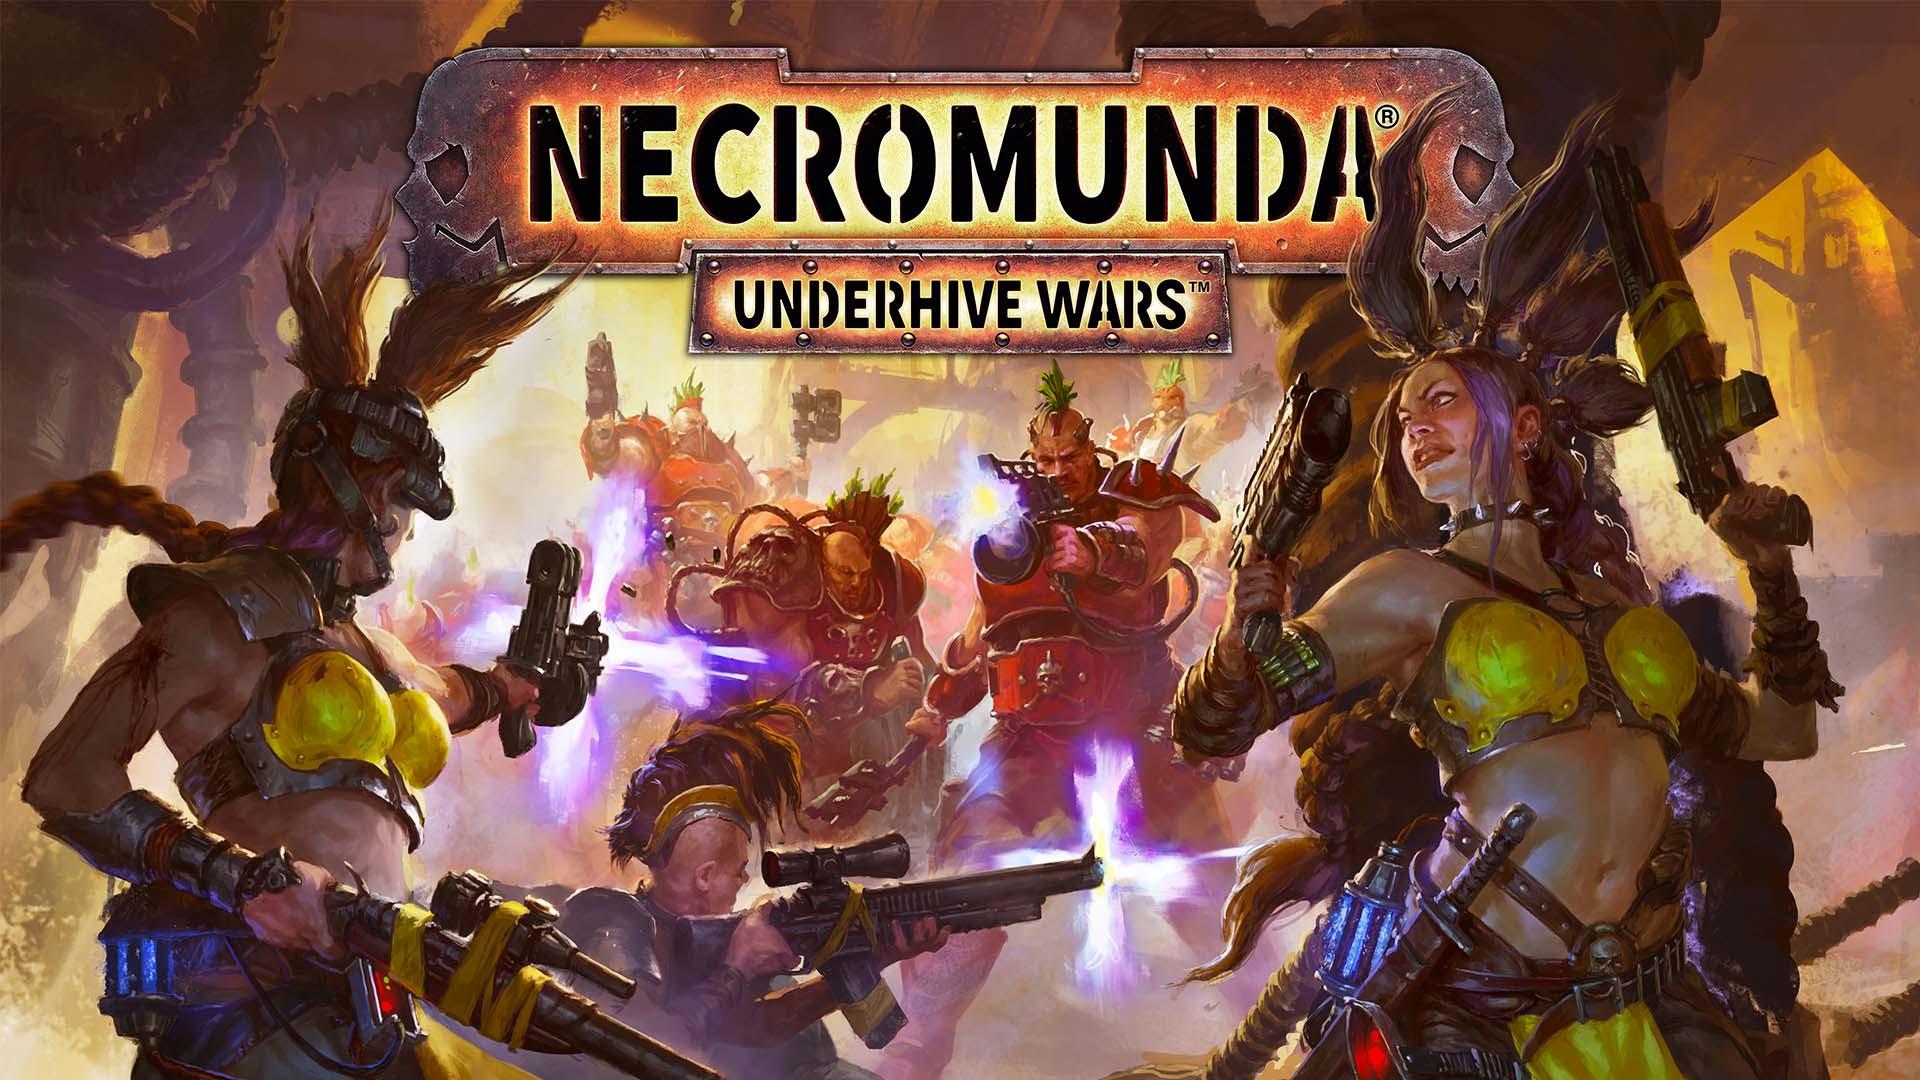 Познакомьтесь с мрачным миром Necromunda: Underhive Wars в дебютном тизер-трейлере